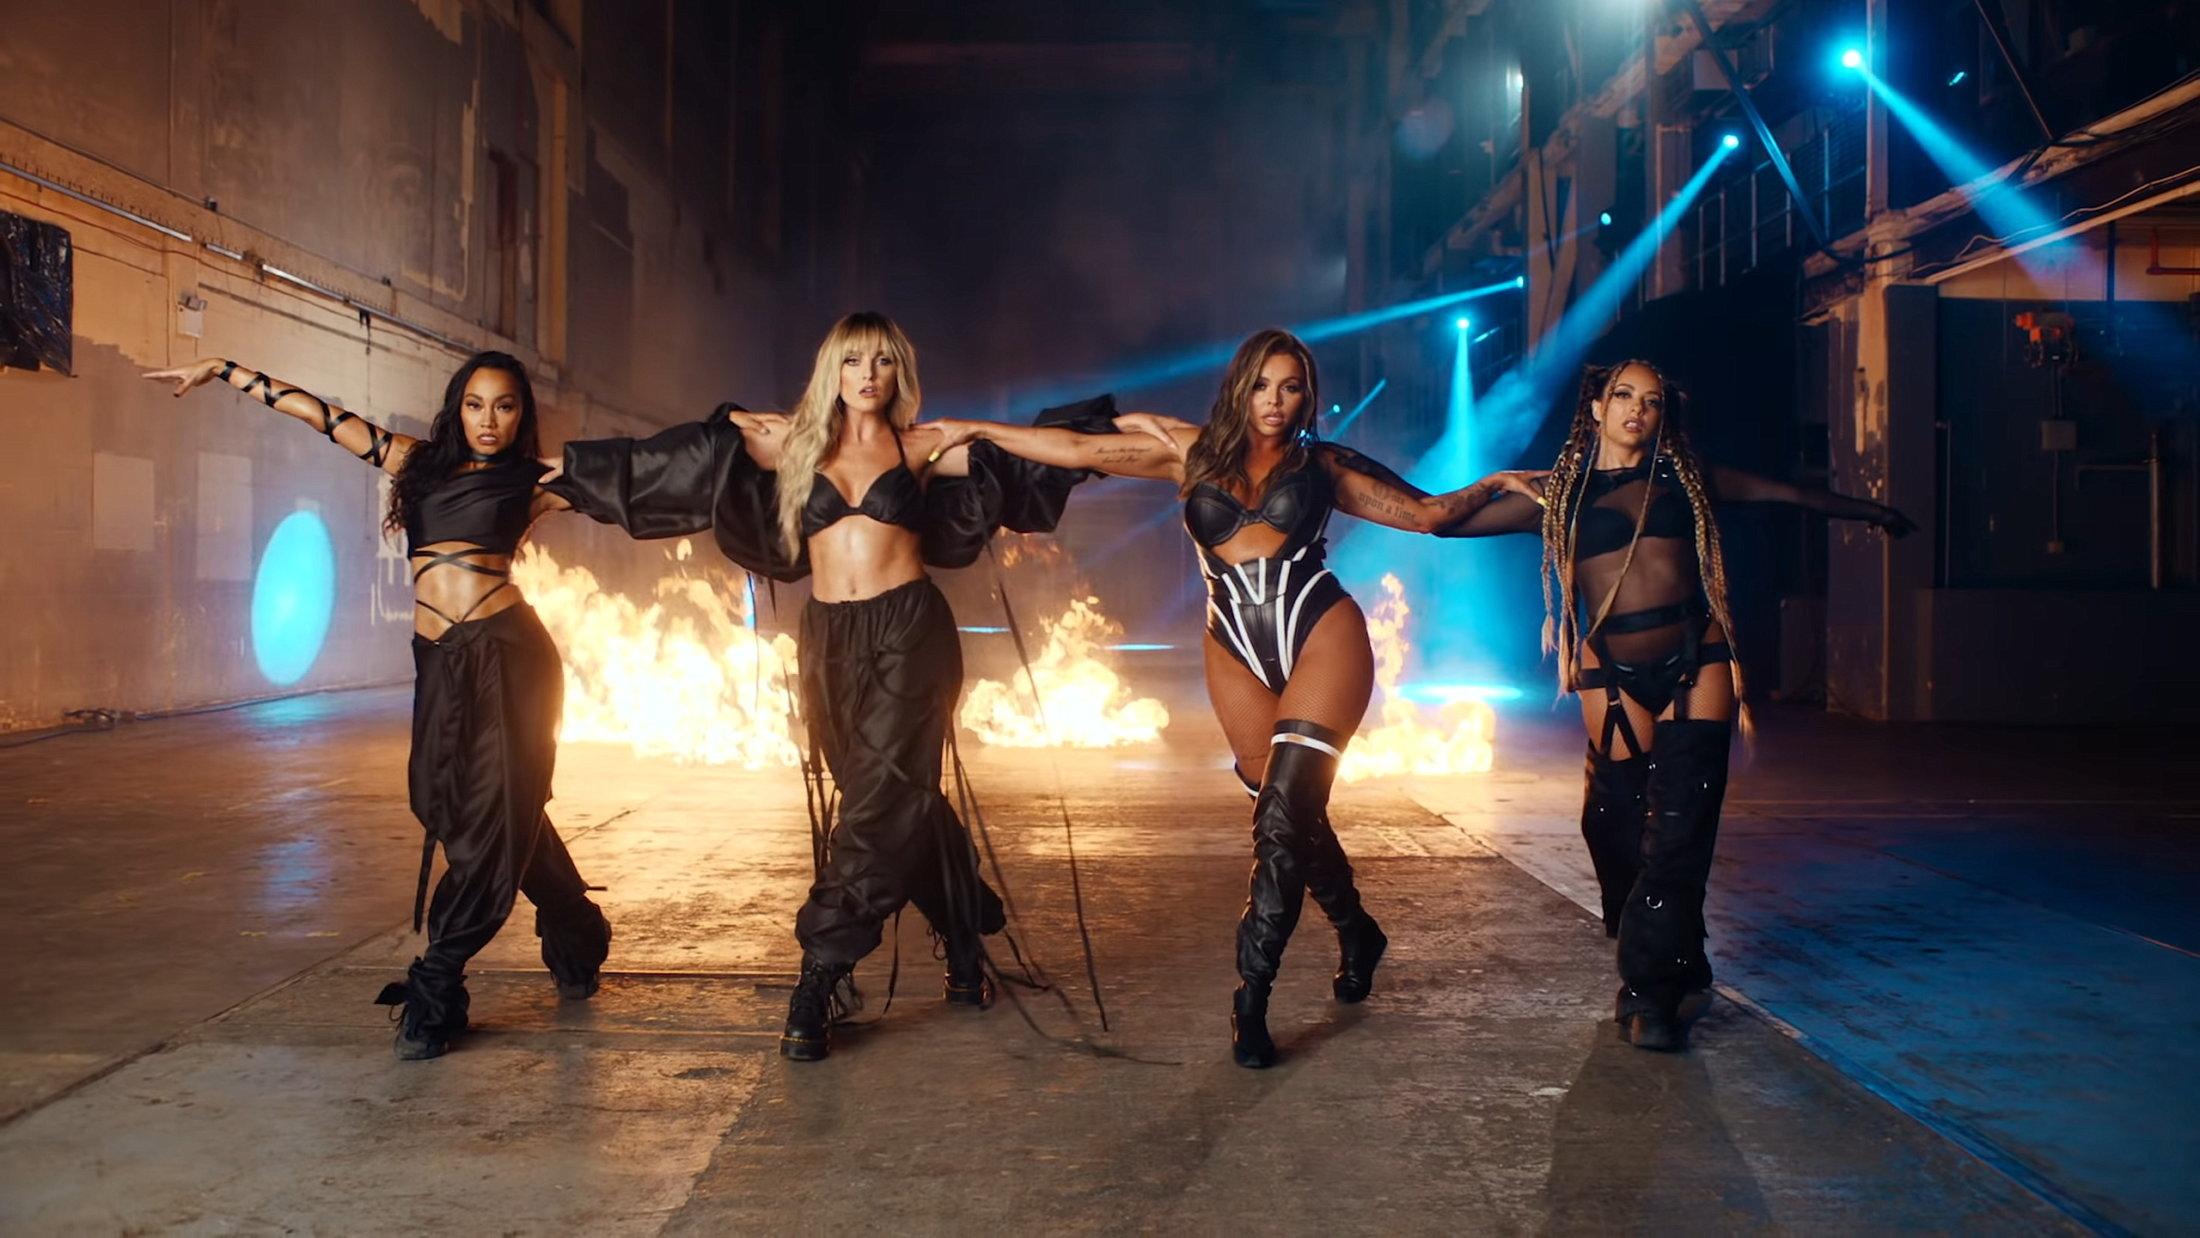 Little Mix - Sweet Melody (Official Video) 2-33 Screenshot